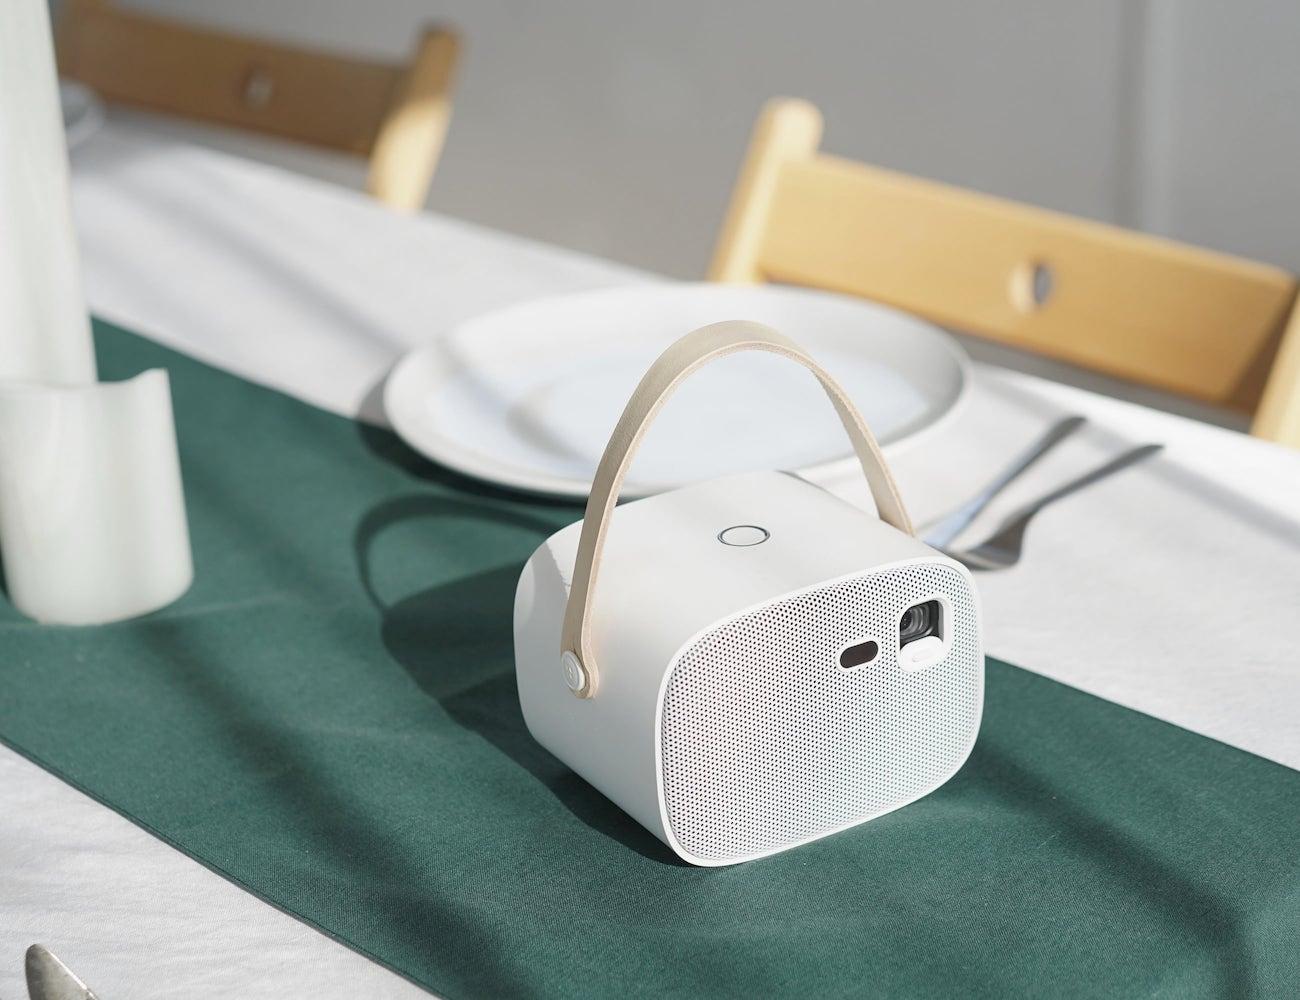 Docoy HD Portable Projector